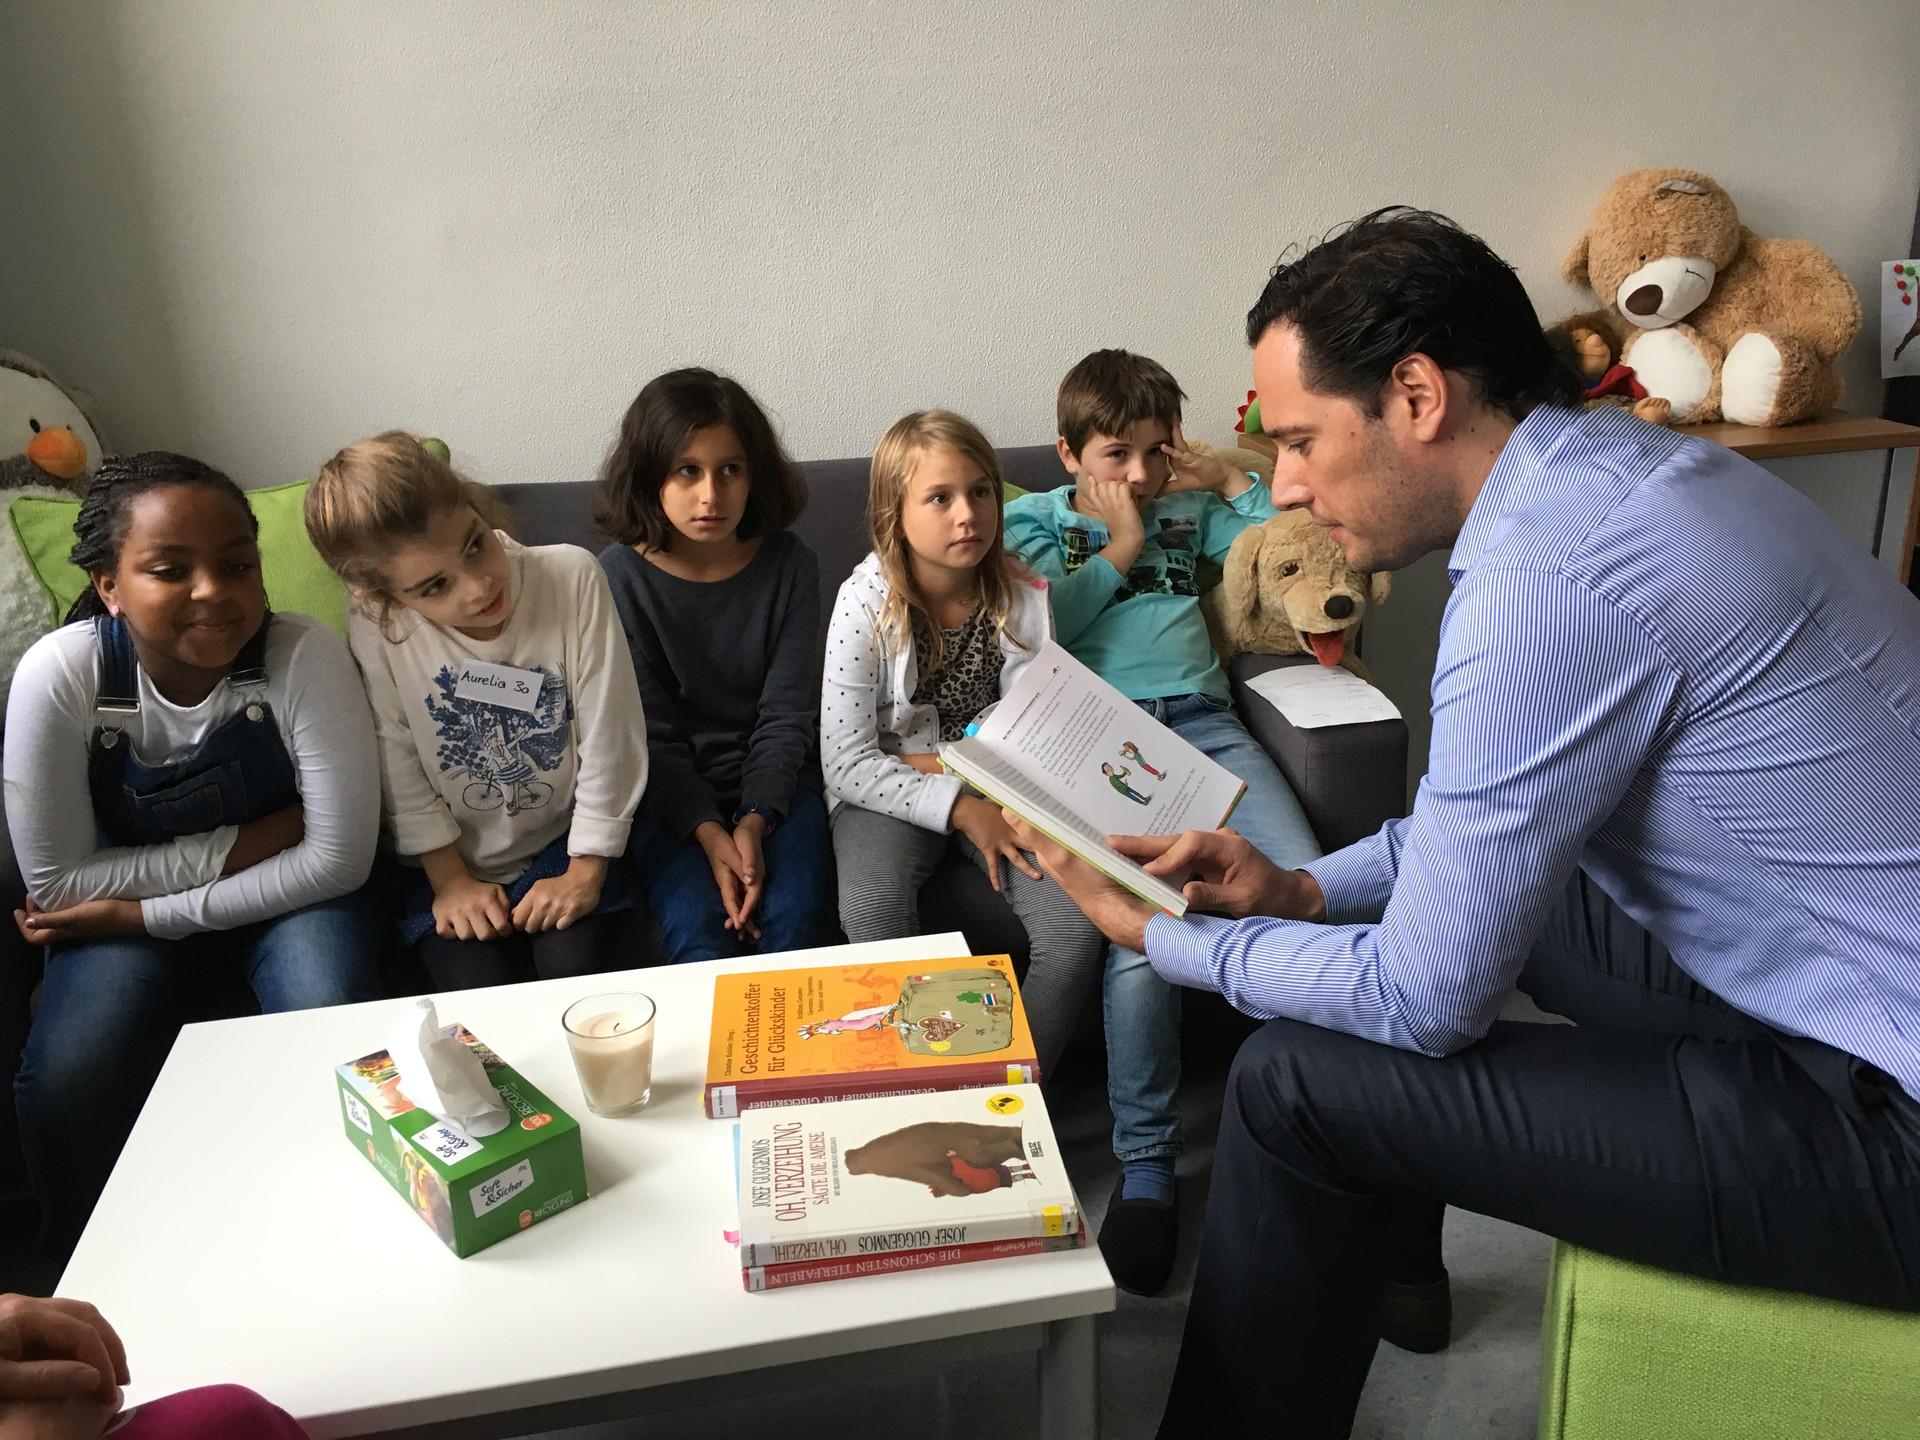 Bürgermeister und Stadträte lesen vor Stuttgart leseohren